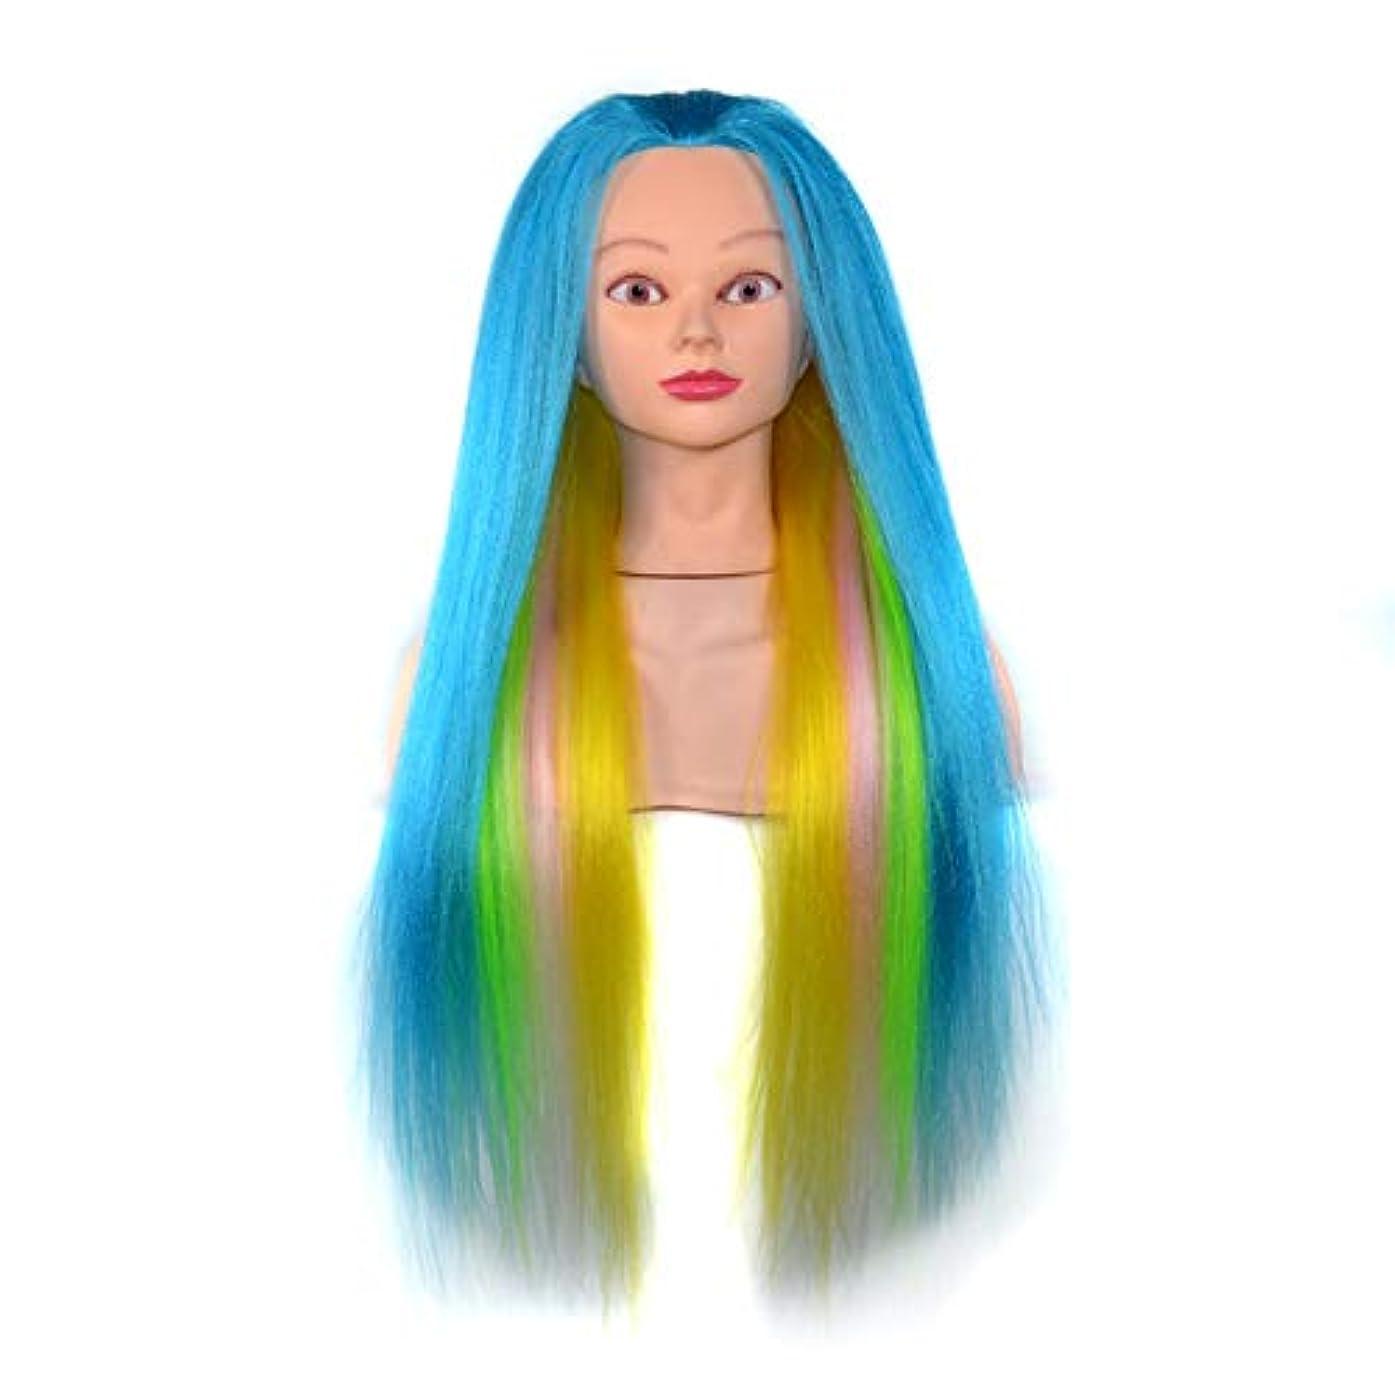 ゼリーオーガニックローン美容院トレーニングヘッド高温シルクマネキン人形ヘッドヘアスタイリング練習ディスクヘア学習ヘッド金型付きブラケット